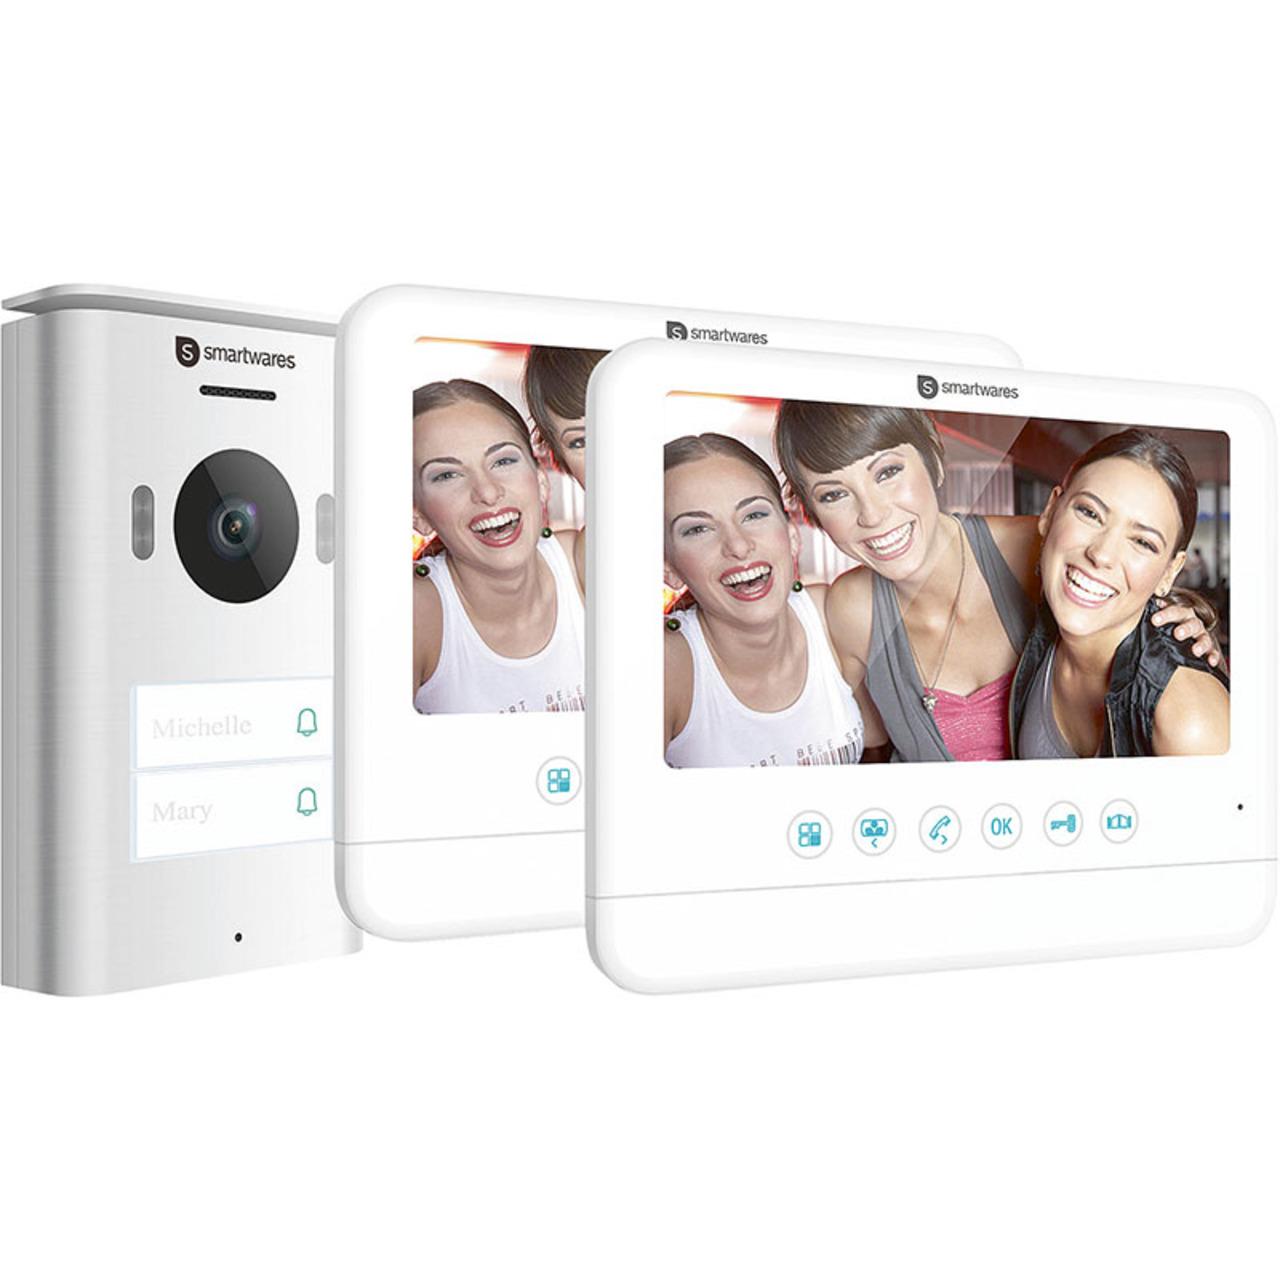 Smartwares 2-Draht-Video-Türsprechanlage für 2-Familienhaus mit 17-78-cm-Bildschirm